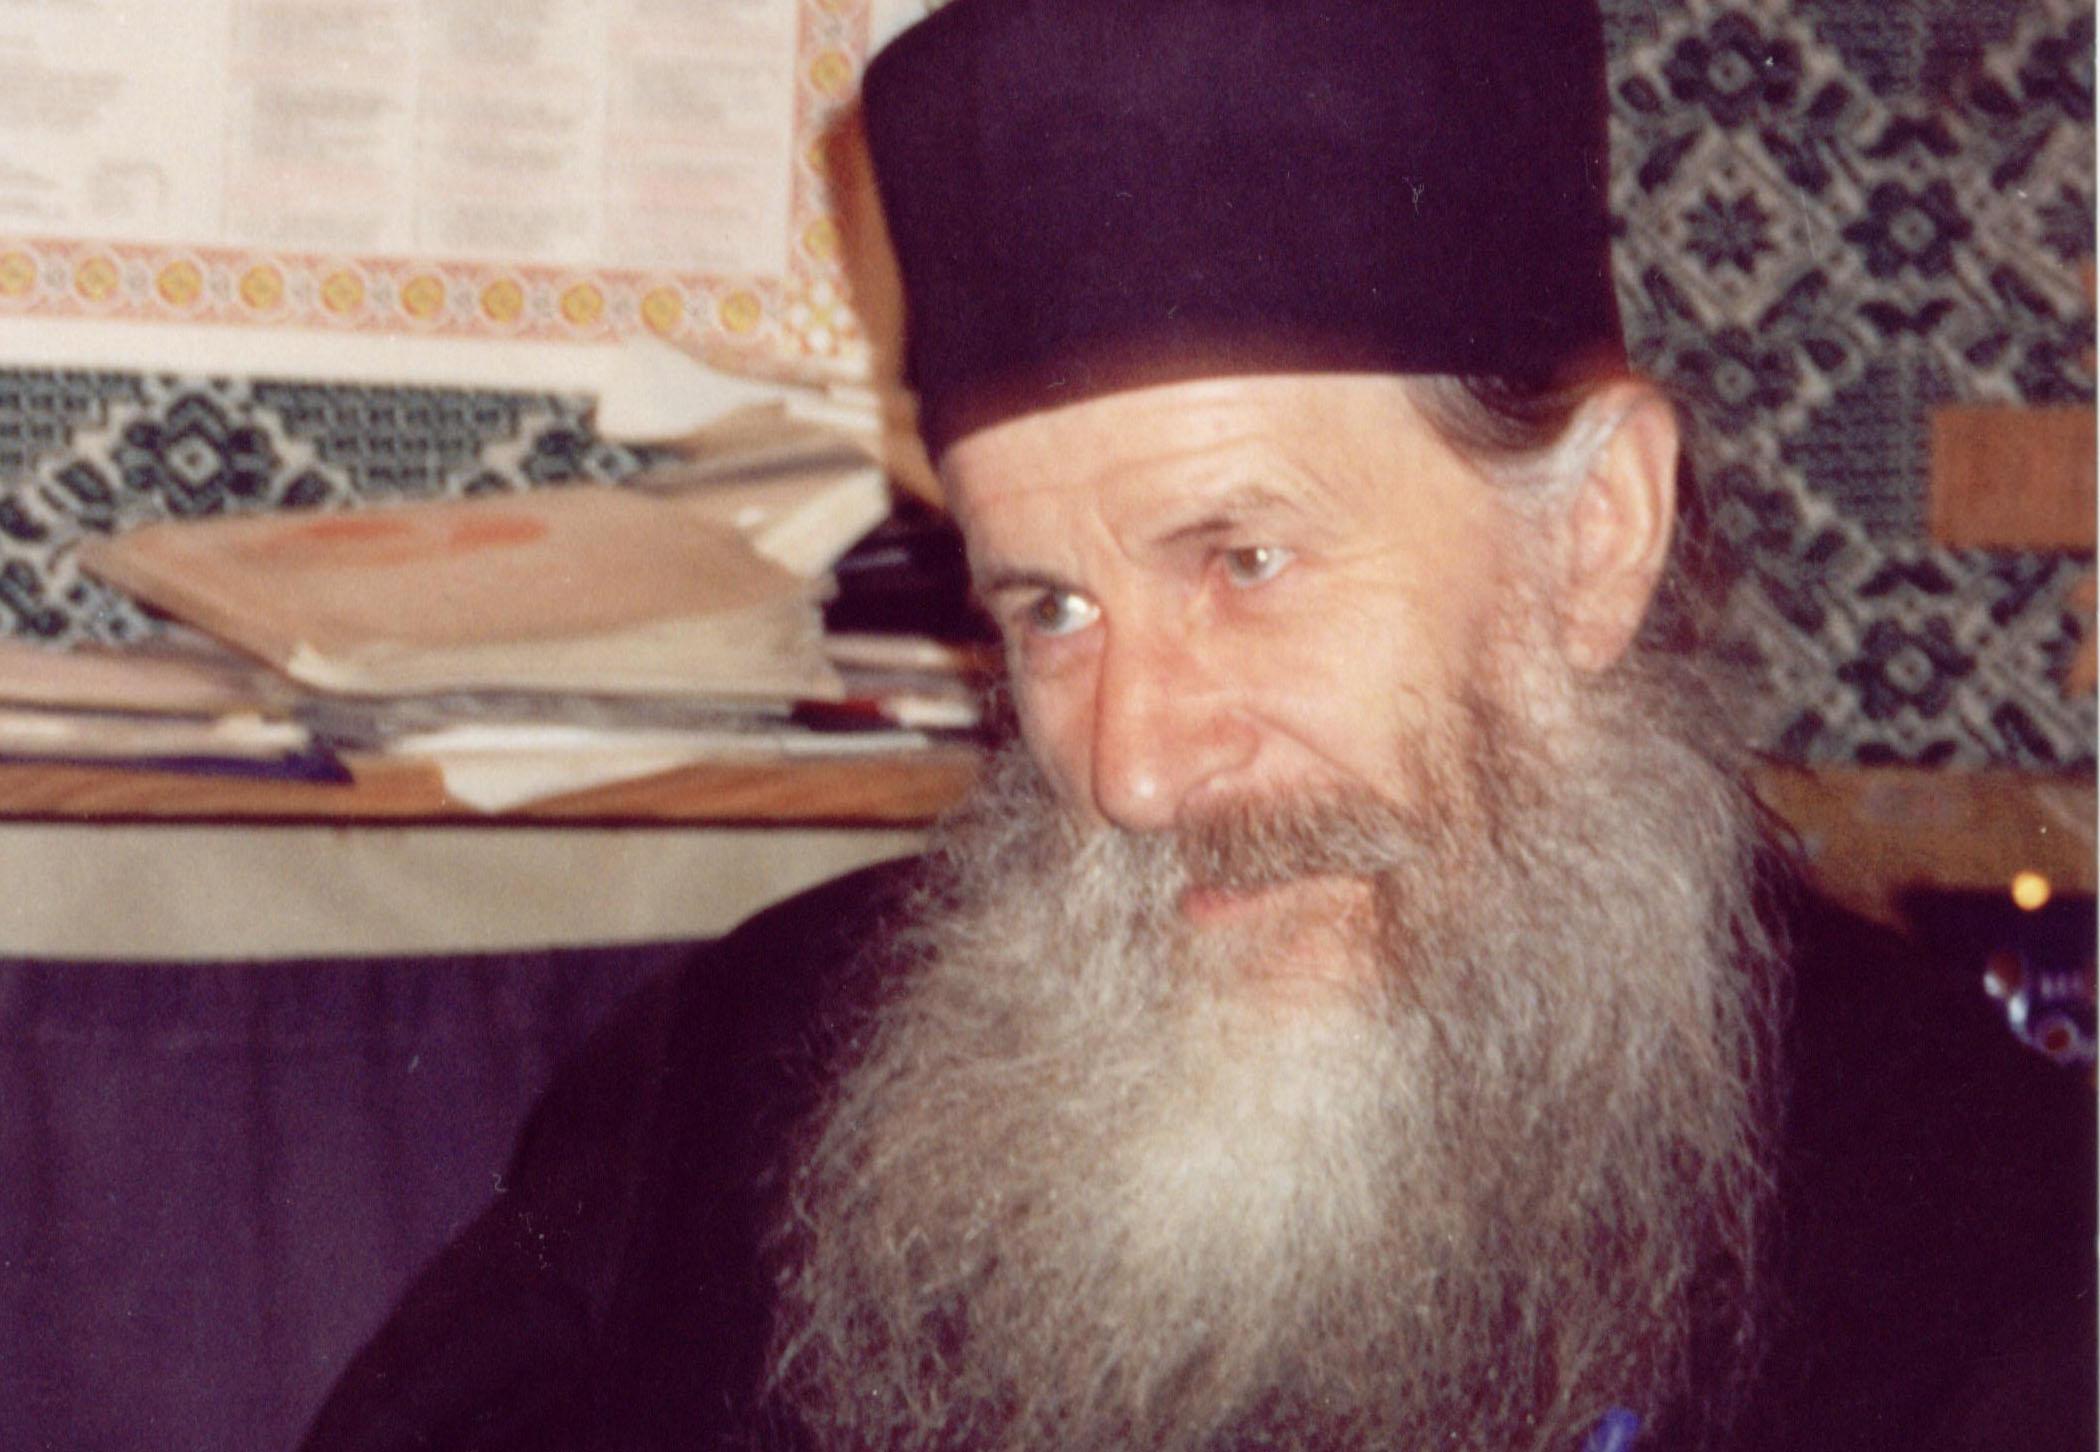 Părintele Ioanichie Bălan: Nu te îngrijora! Va veni o zi când Dumnezeu, prin te miri cine sau personal, te va lămuri despre ce e vorba! Mare atenție!